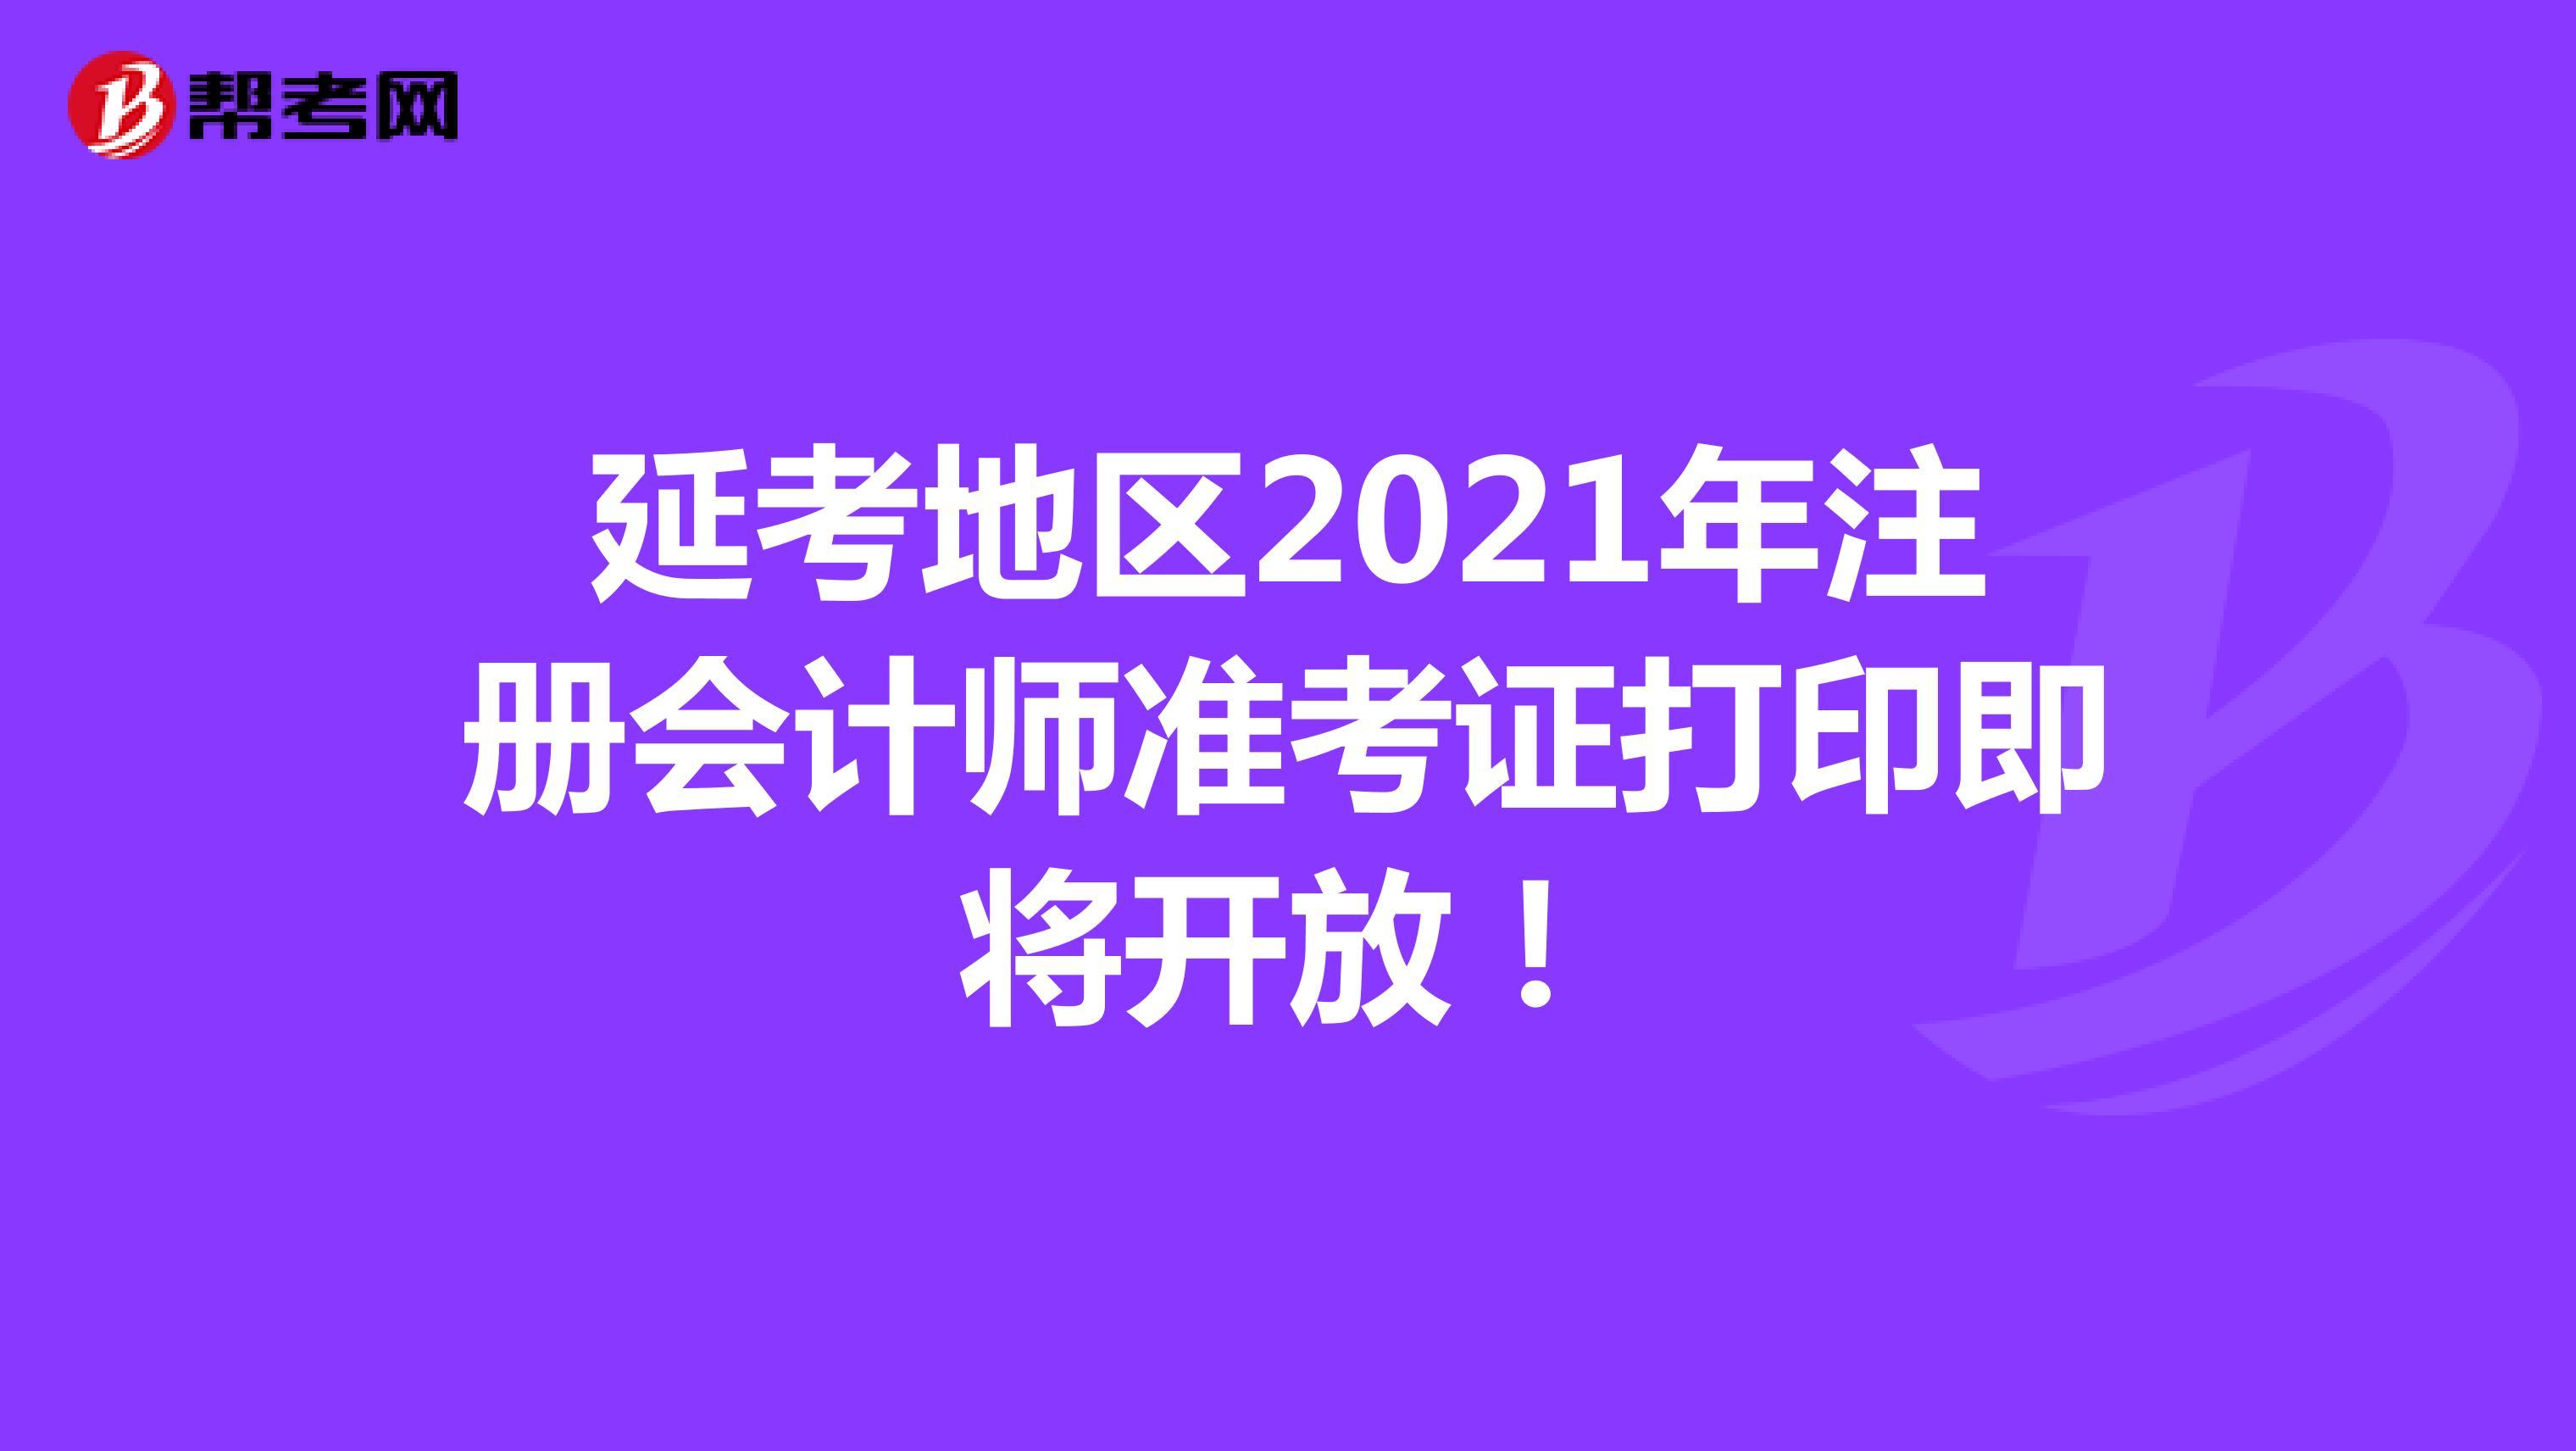 延考地区2021年注册会计师准考证打印即将开放!